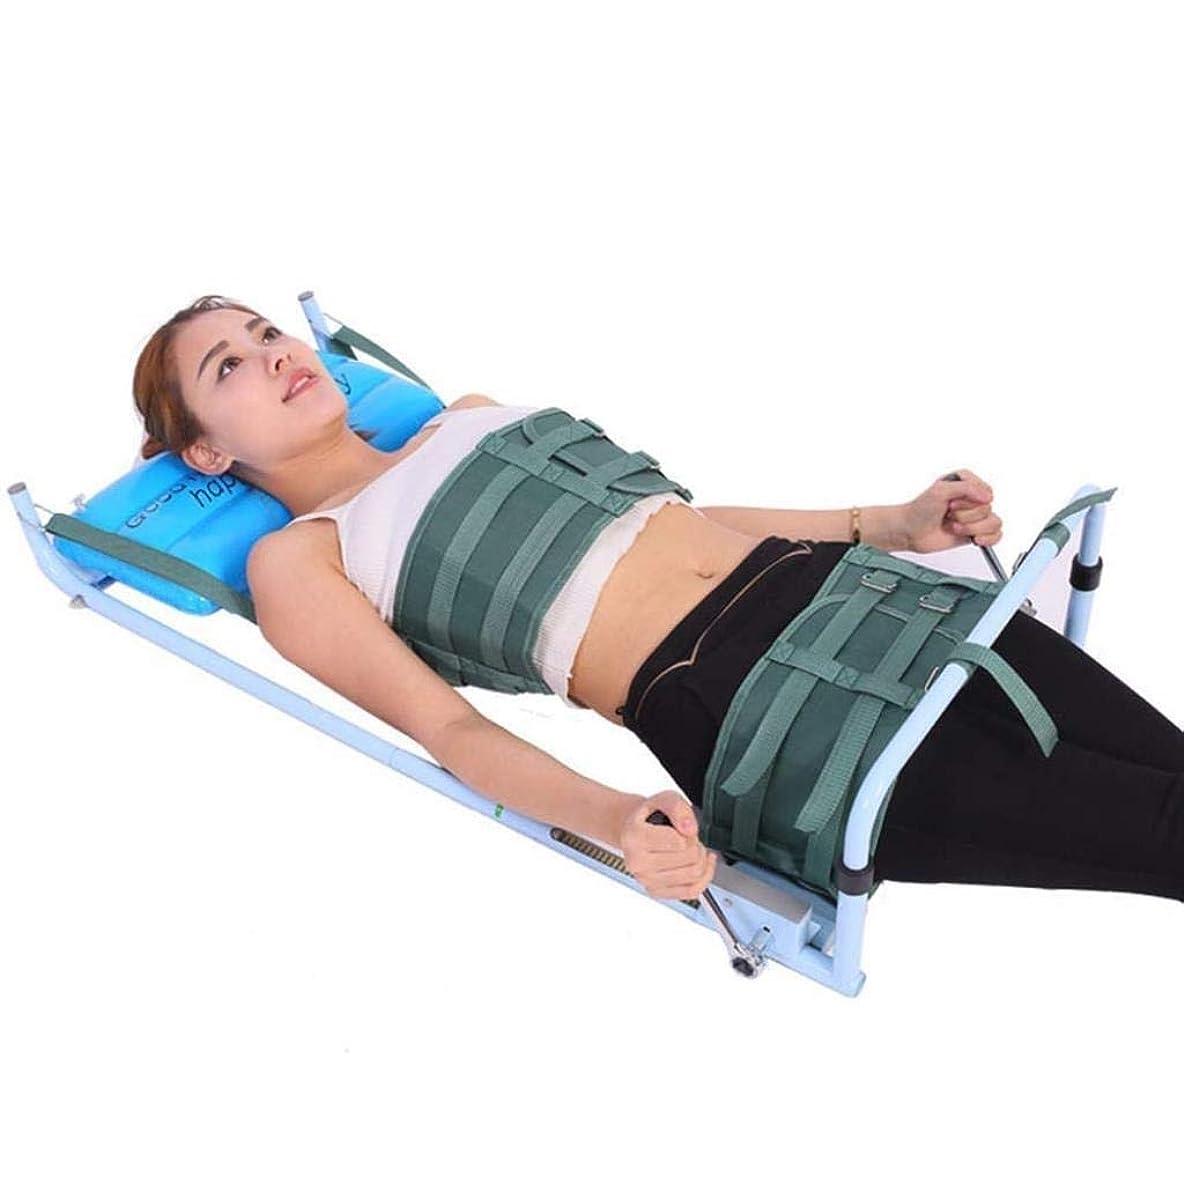 ローズ枕遅滞矯正装置、腰椎牽引装置、子宮頸部ストレッチストレッチャー装置、改善された脊椎姿勢装具